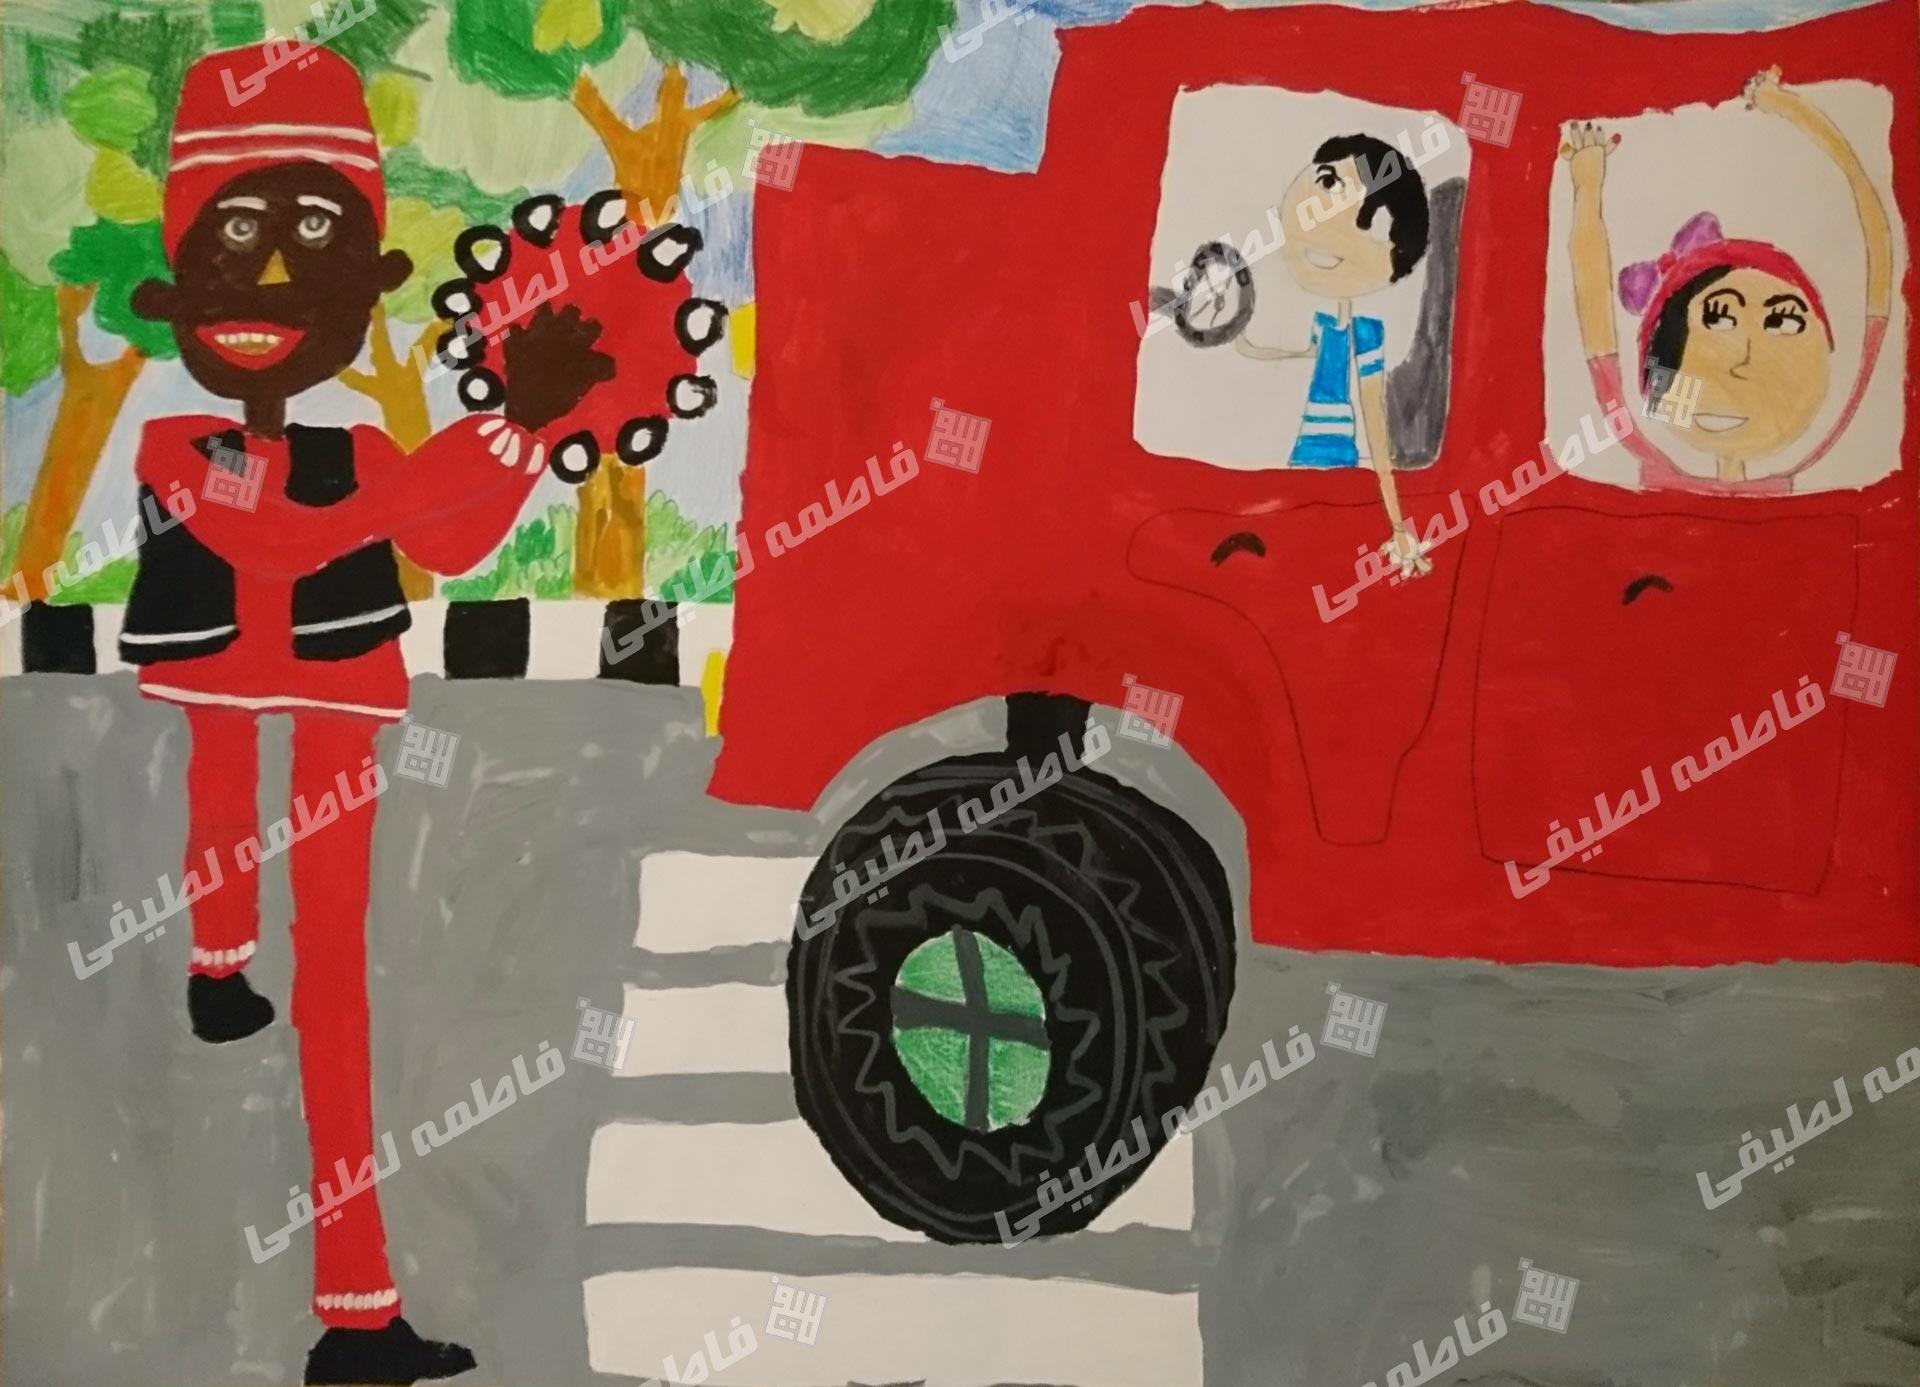 یک اثر دیگر از هنرمندان کوچک من. نقاشی ساده کودکانه از حاجی فیروز که لباسش هم رنگ ماشین جدیدی است که بابای هنرجو خریده